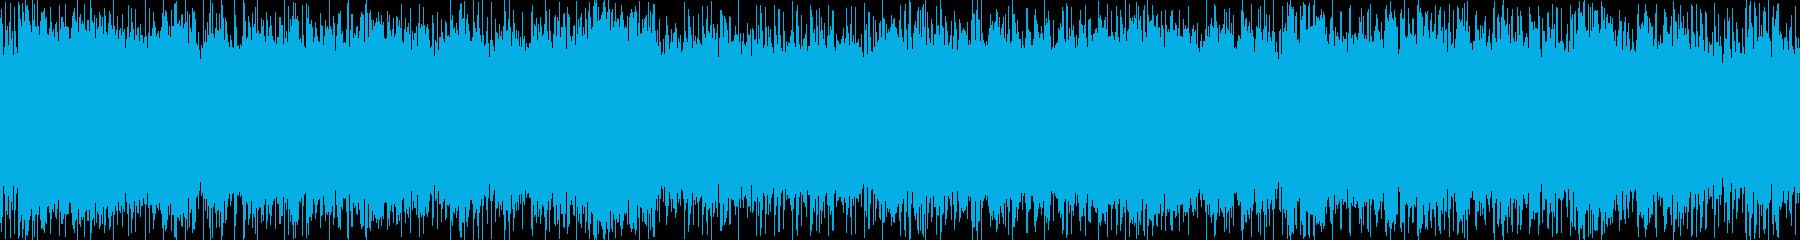 シンフォニックな雰囲気のロックの再生済みの波形